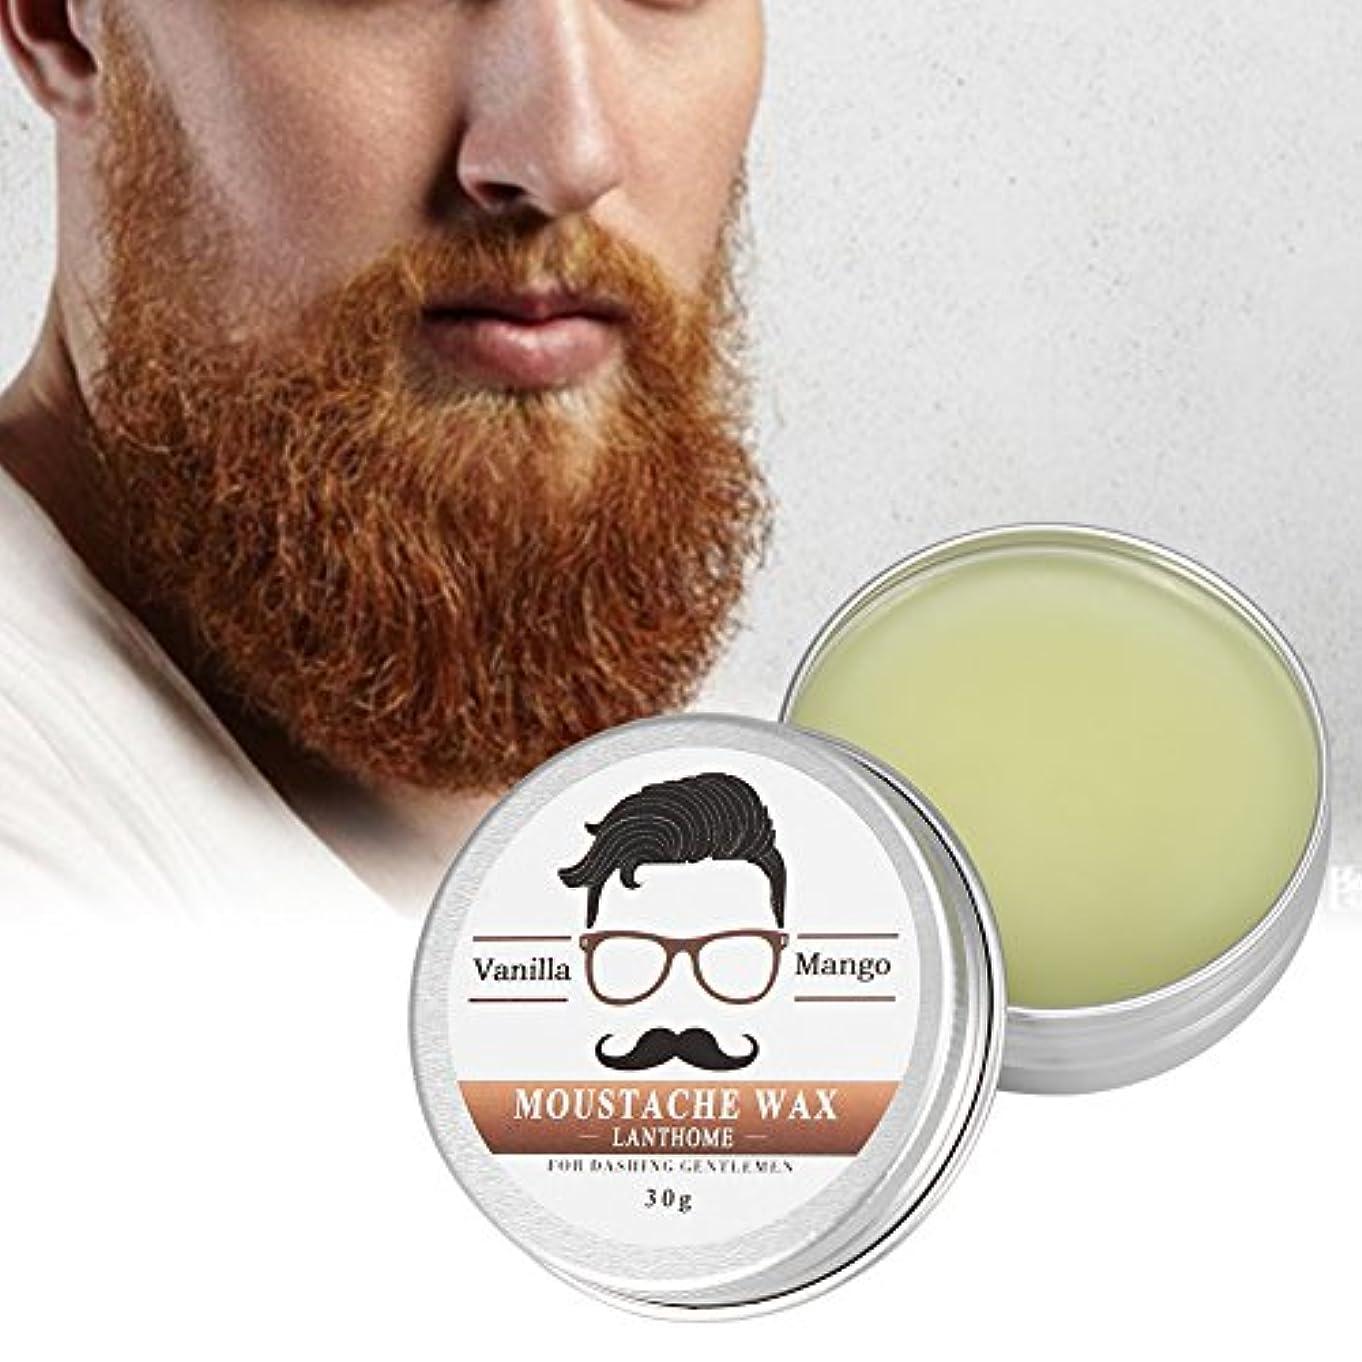 ビアードワックス ひげクリーム 口髭用 ワックス バーム 男性用 保湿 滋養 ひげ根 ケア